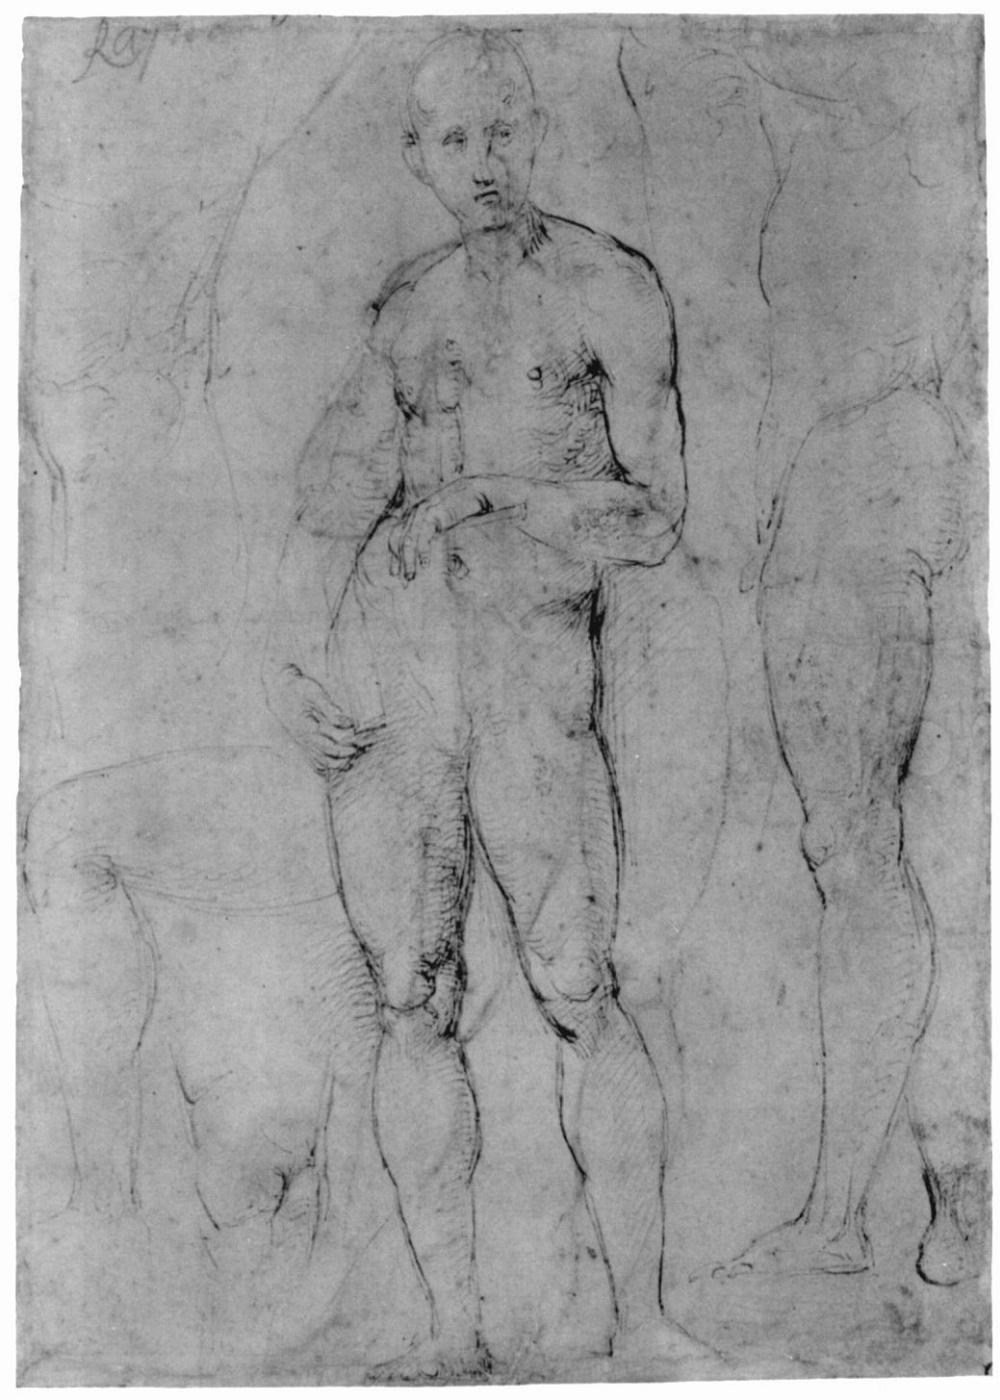 Raphael Santi. Study of a Nude male figure